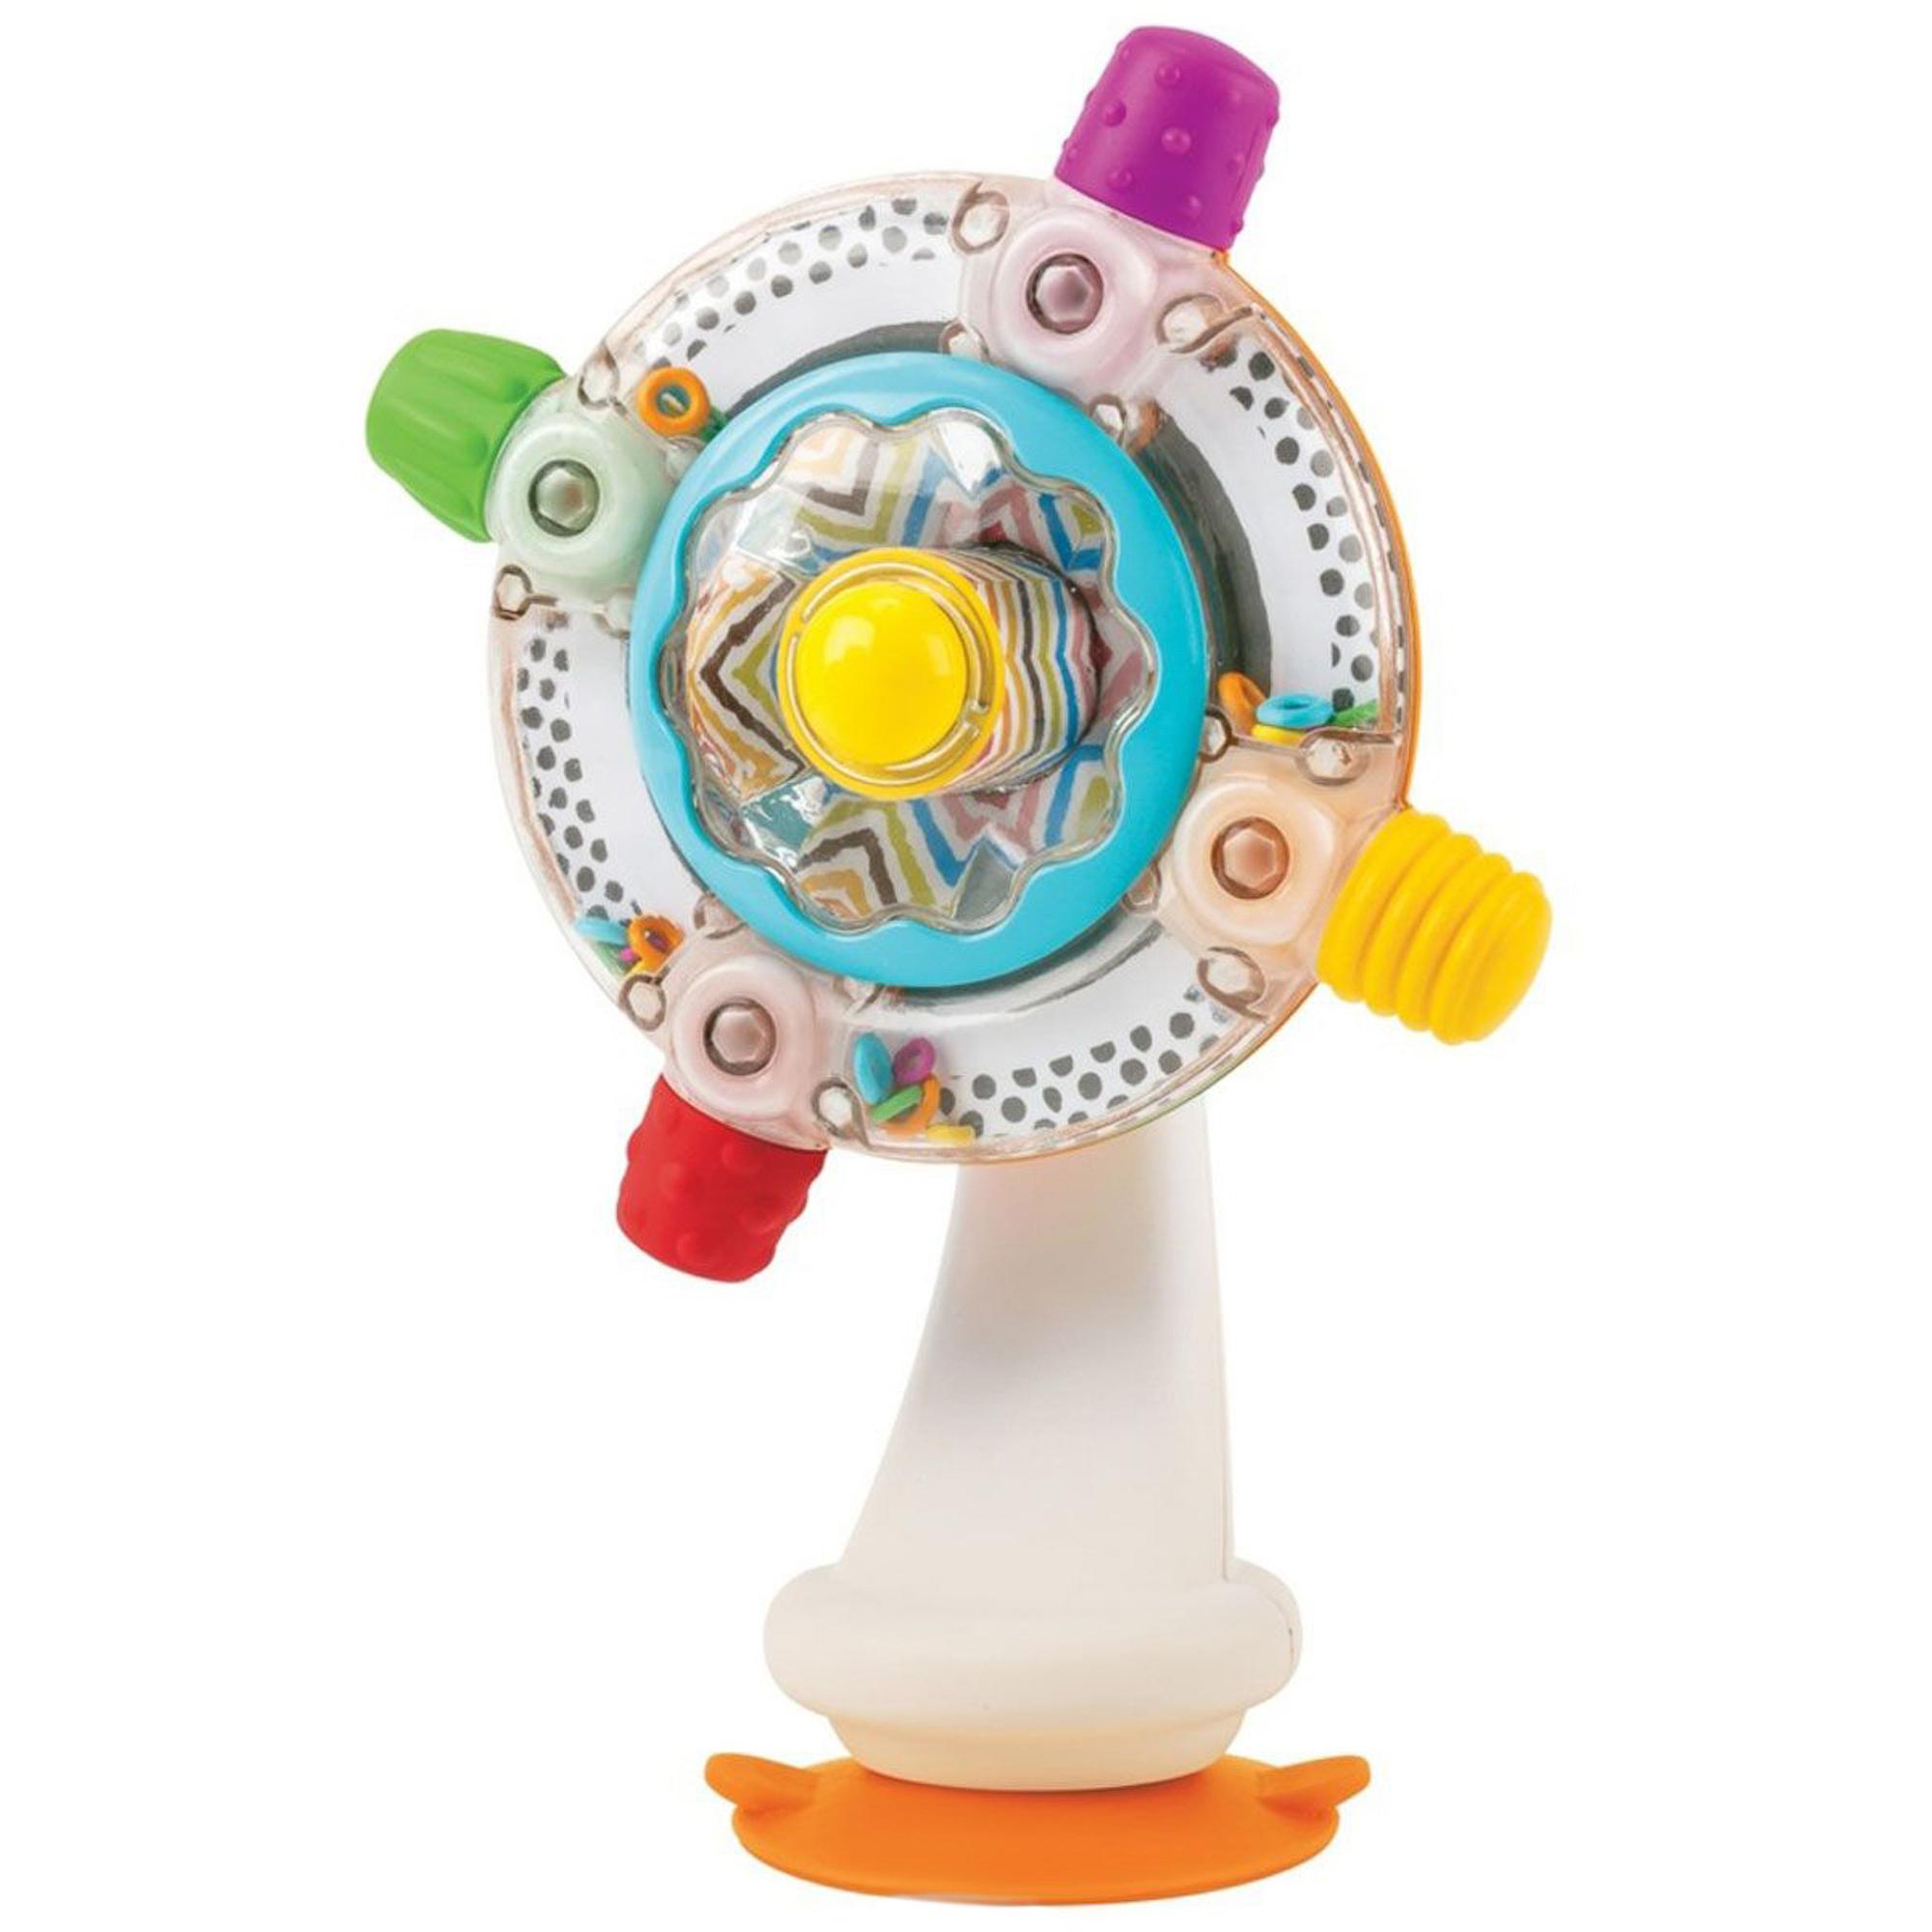 Купить Игрушка на присоске Bkids sensory, Китай, пластик, Настольные игры